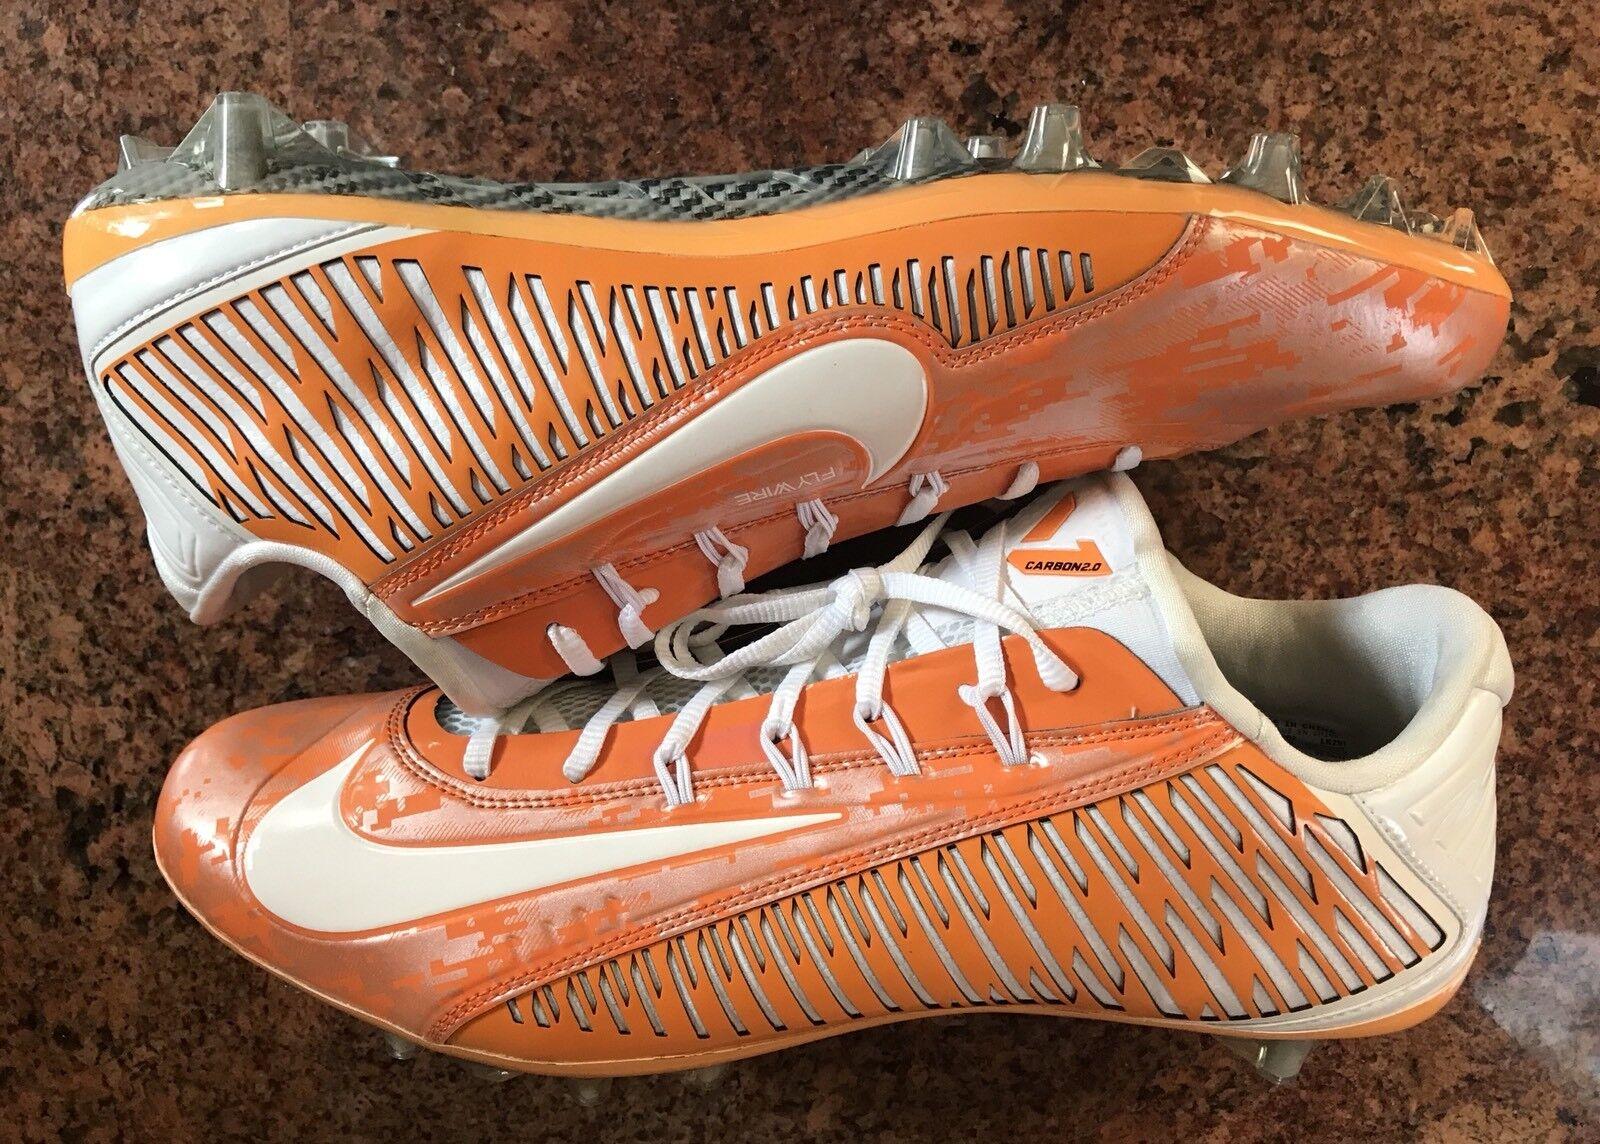 Nike vapor - stollenschuhe fußball 2.0 elite nikeid stollenschuhe - orange / weiß mens sz 14,5 080707